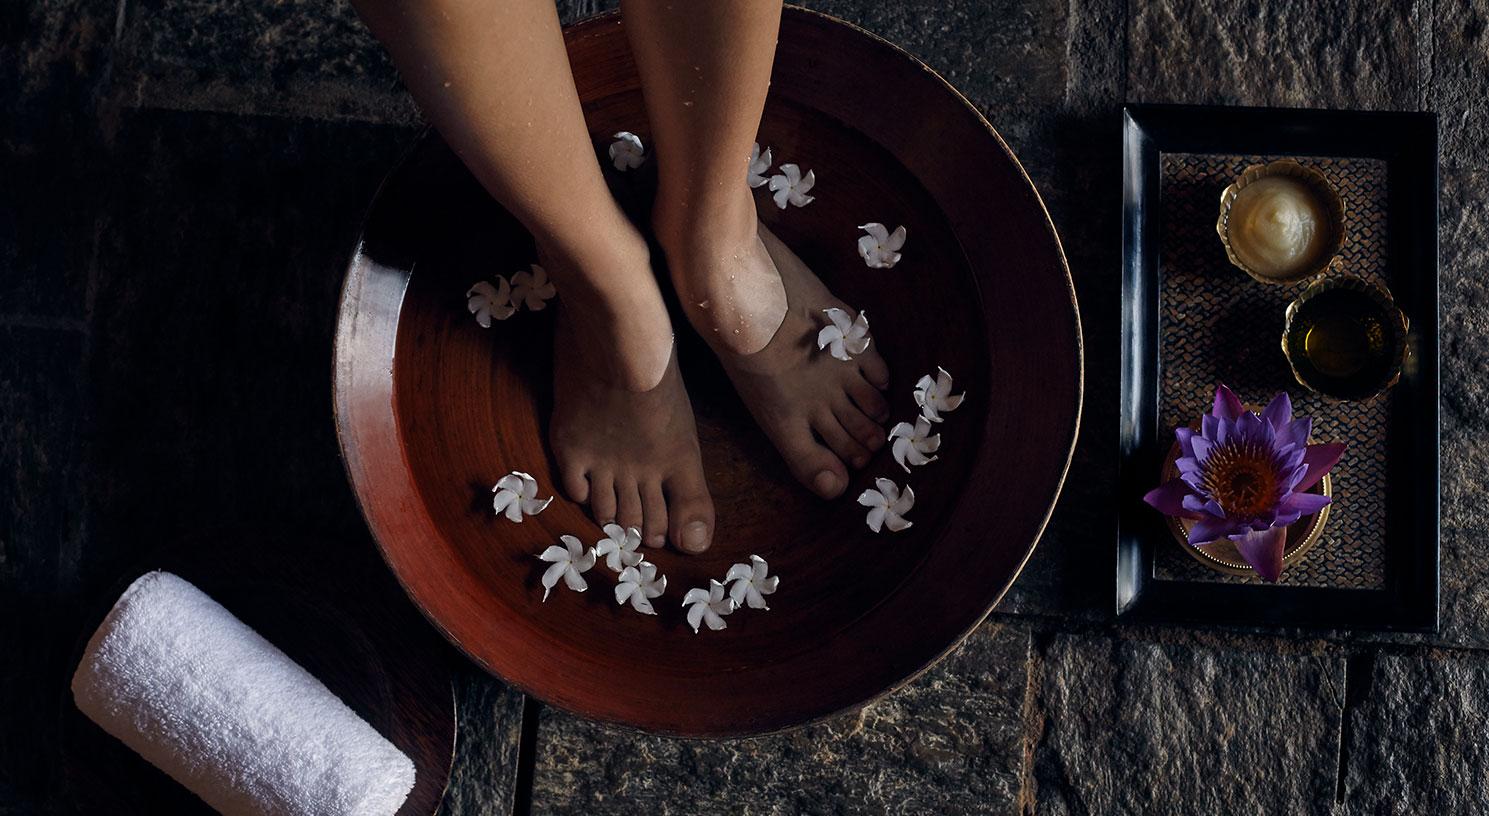 Foot wash basket